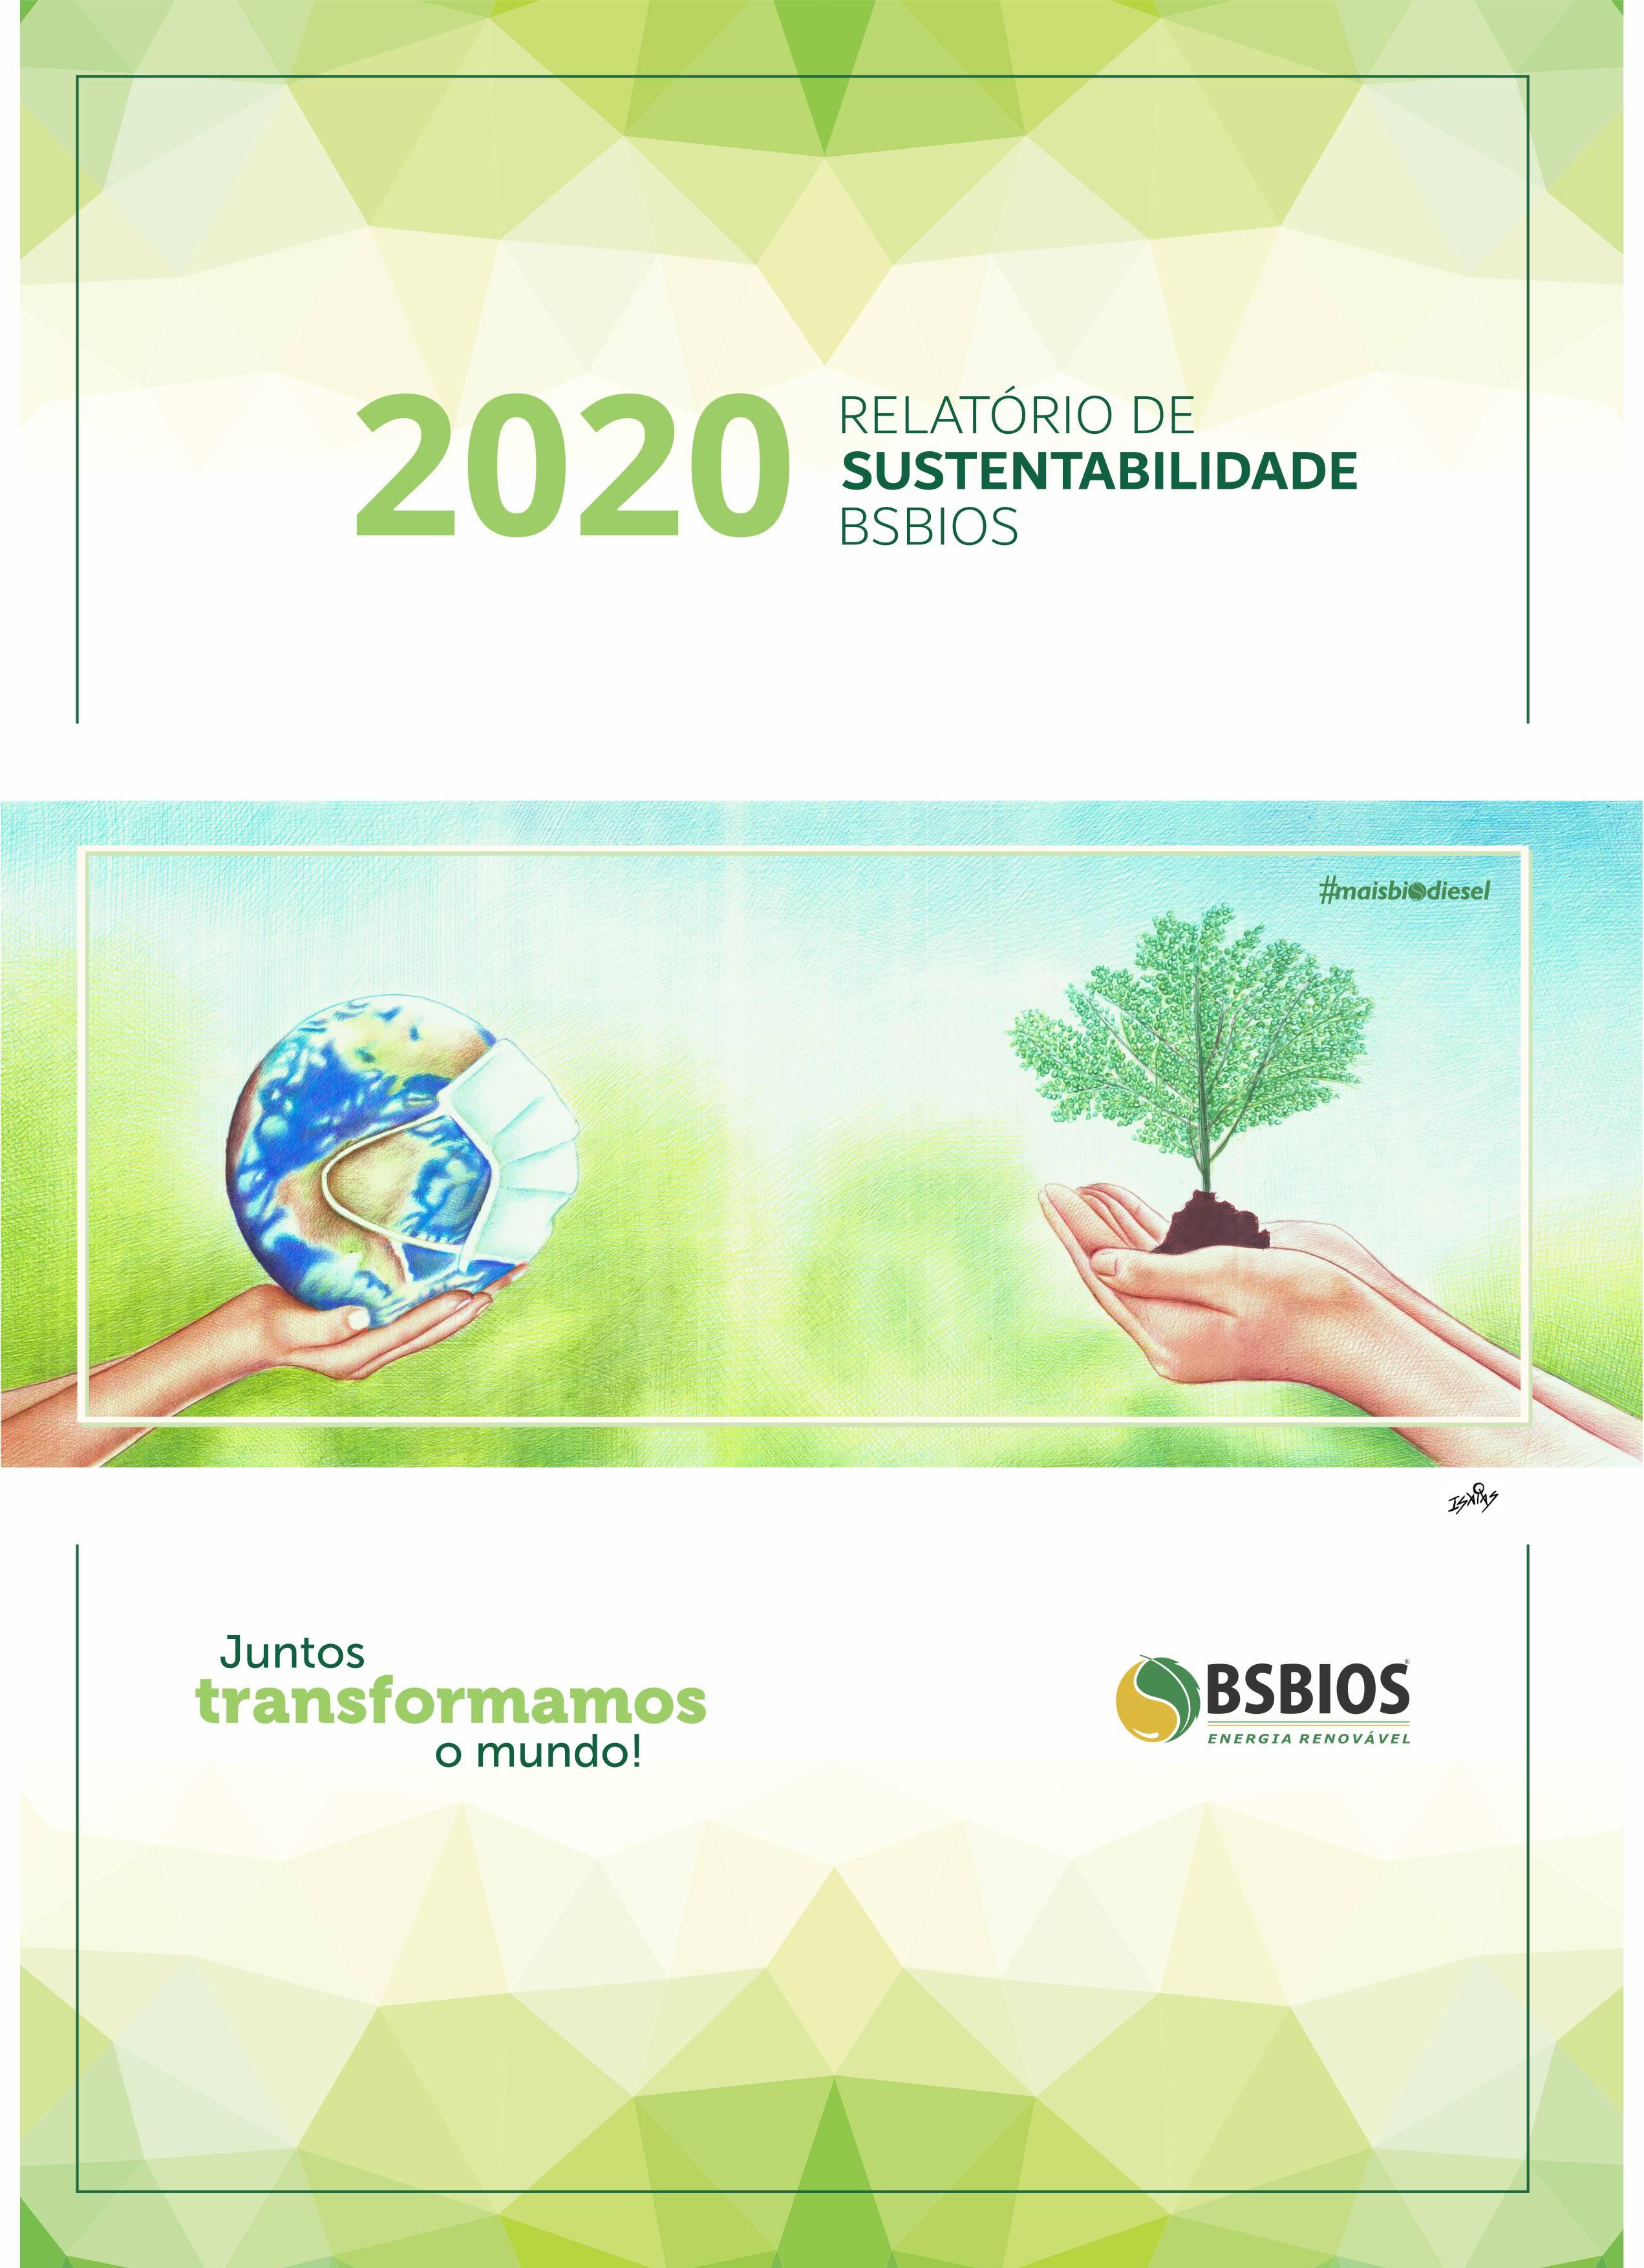 BSBIOS reafirma compromisso ESG em Relatório de Sustentabilidade 2020